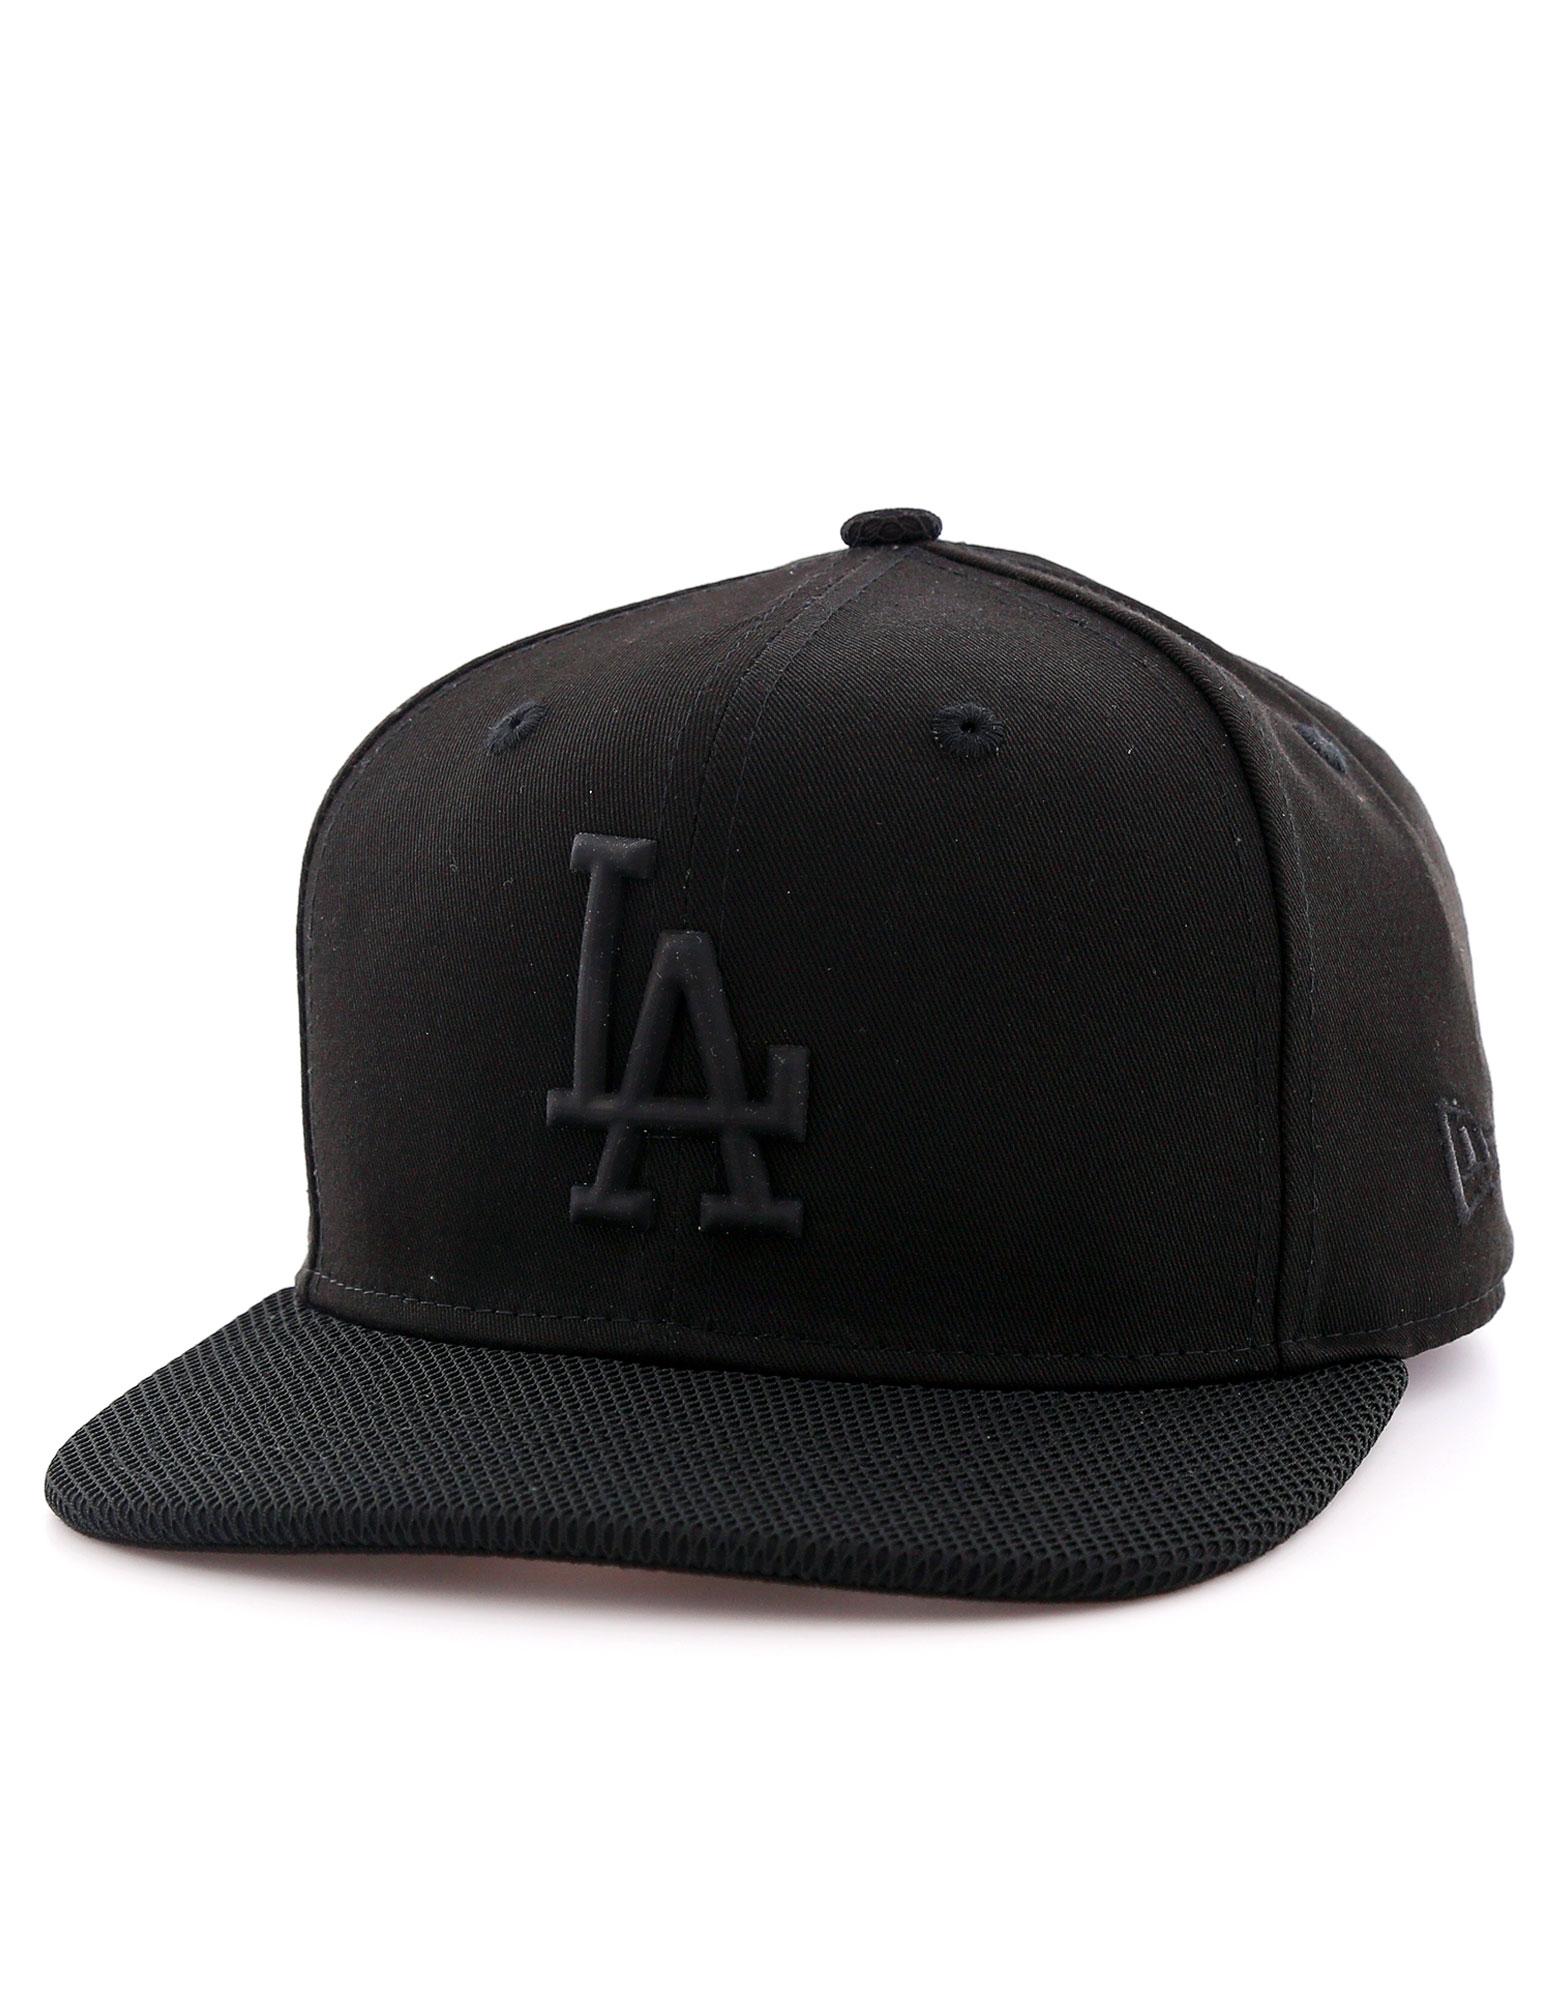 New Era Rubber Prime La Dodgers Black/Black Cap M/L